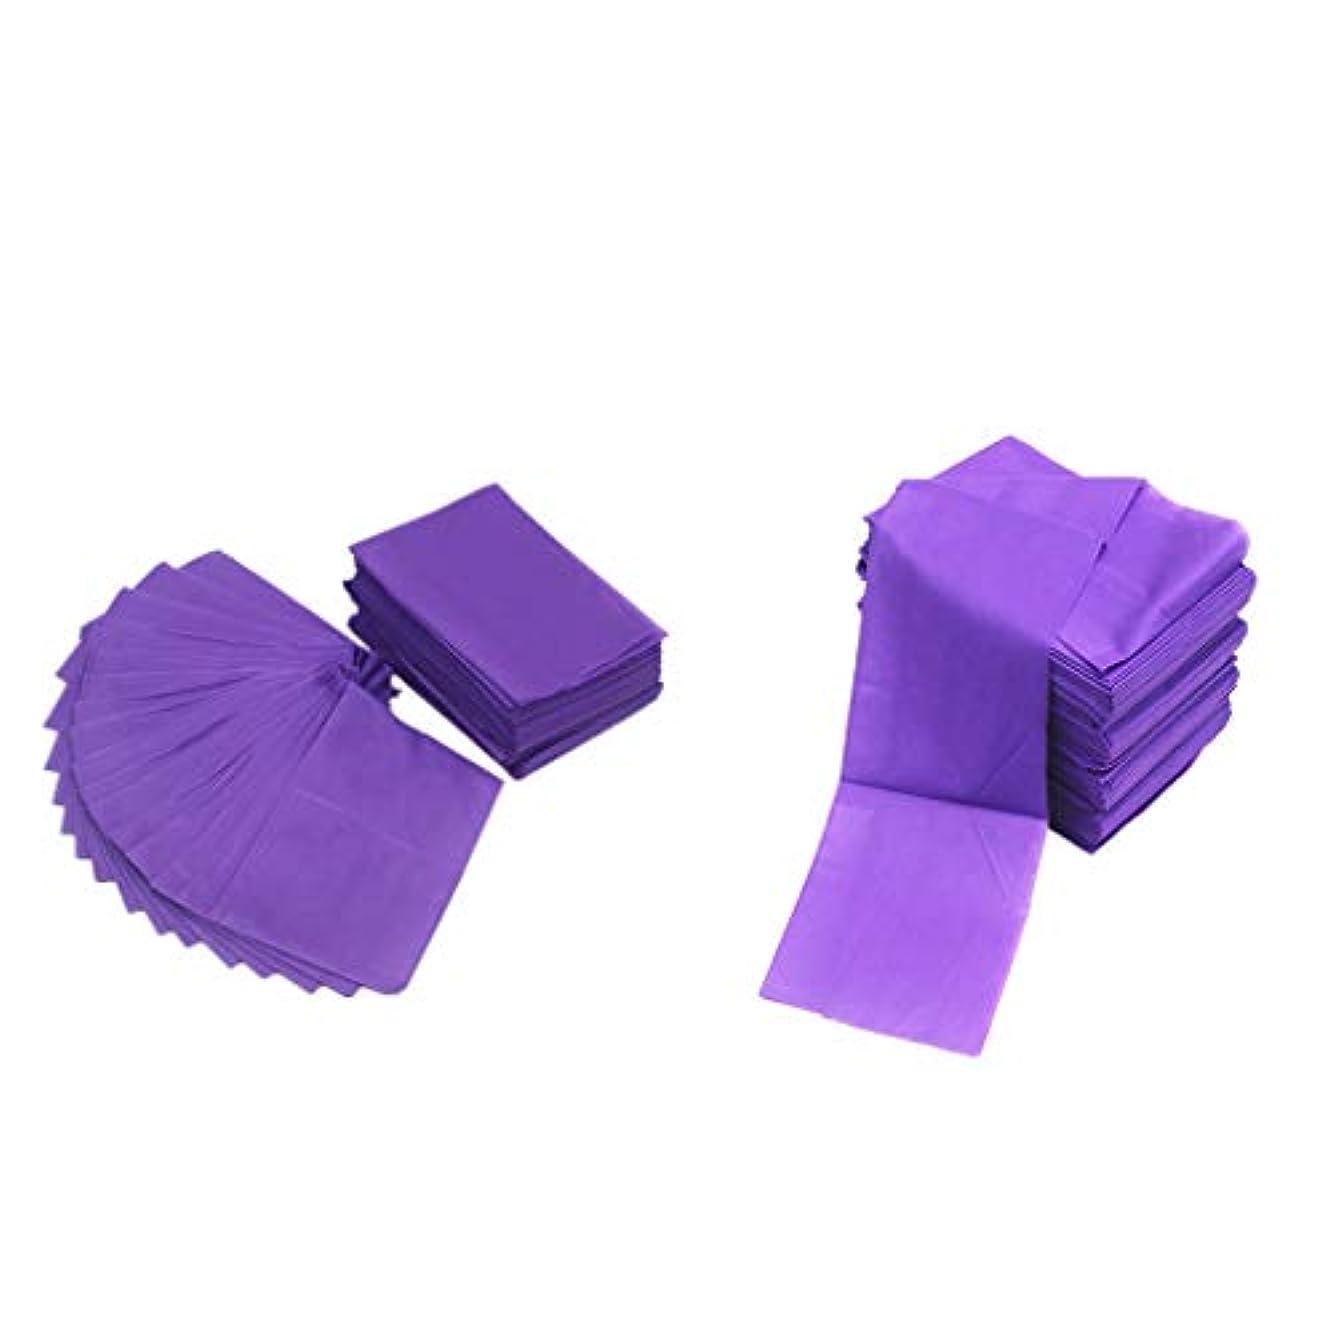 アスリート不適主人20ピースセット ベッドシーツ 使い捨て ベットシート 厚さ ビューティーサロン マッサージサロン